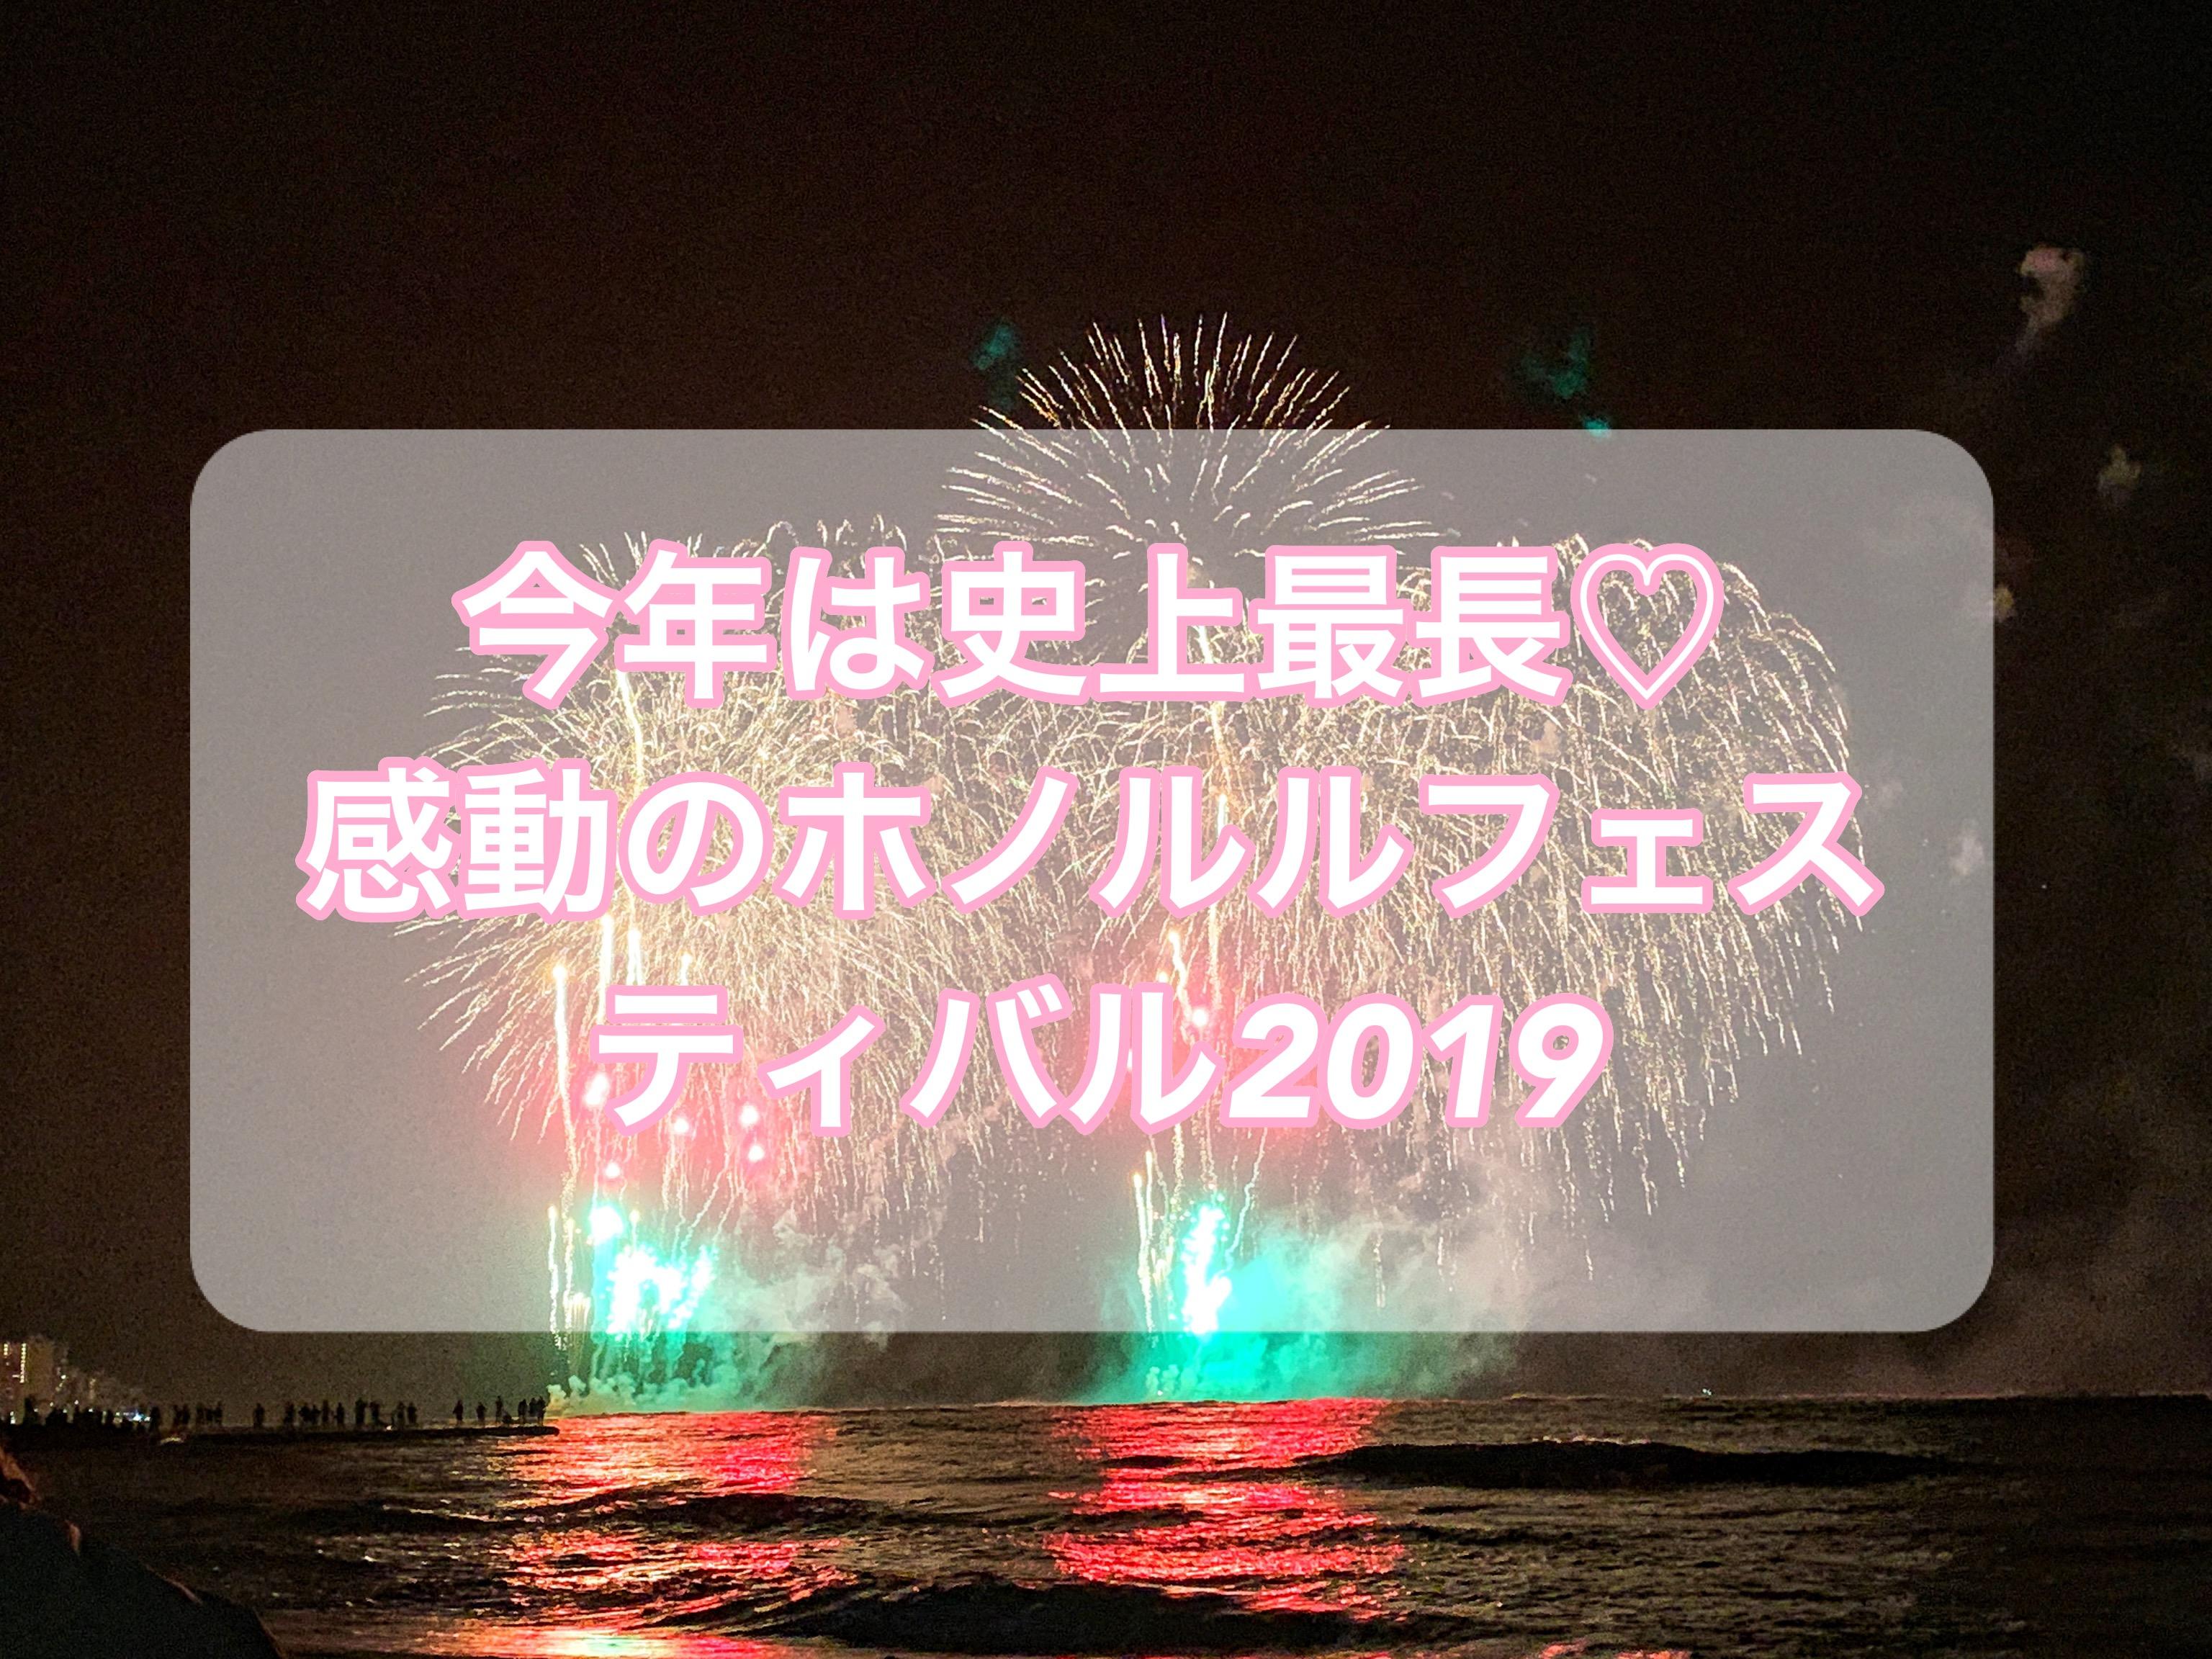 【ハワイイベント】「ホノルル・フェスティバル」史上最長!感動の花火【2019】